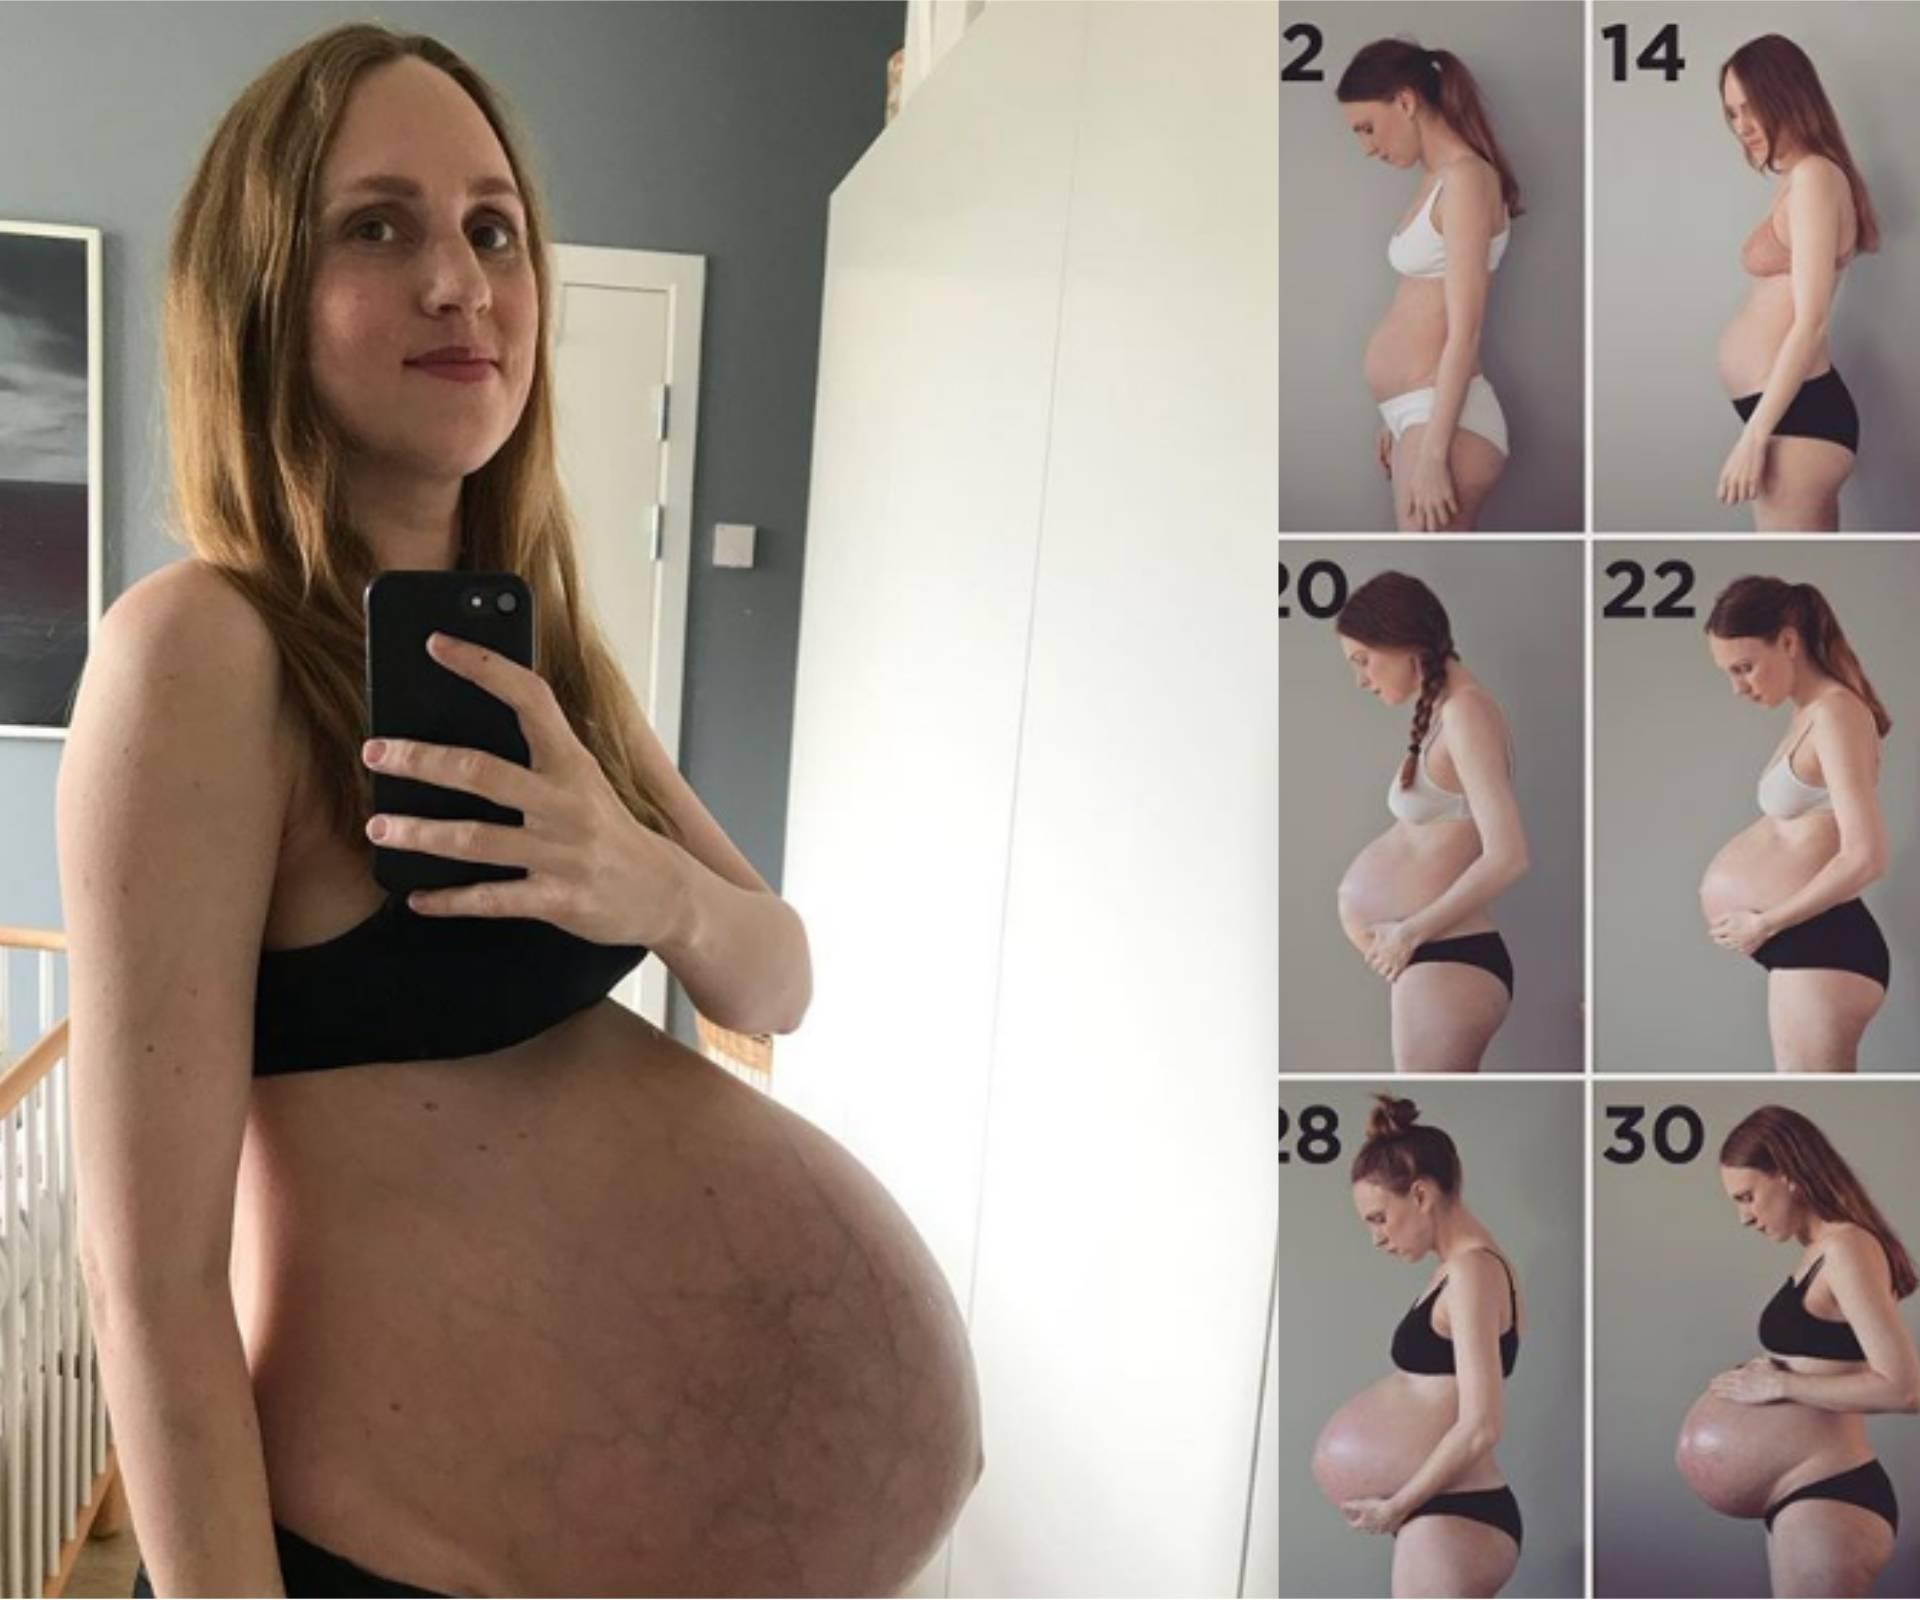 Nevjerojatne fotke: Ovako vam trbuh raste dok nosite trojke!